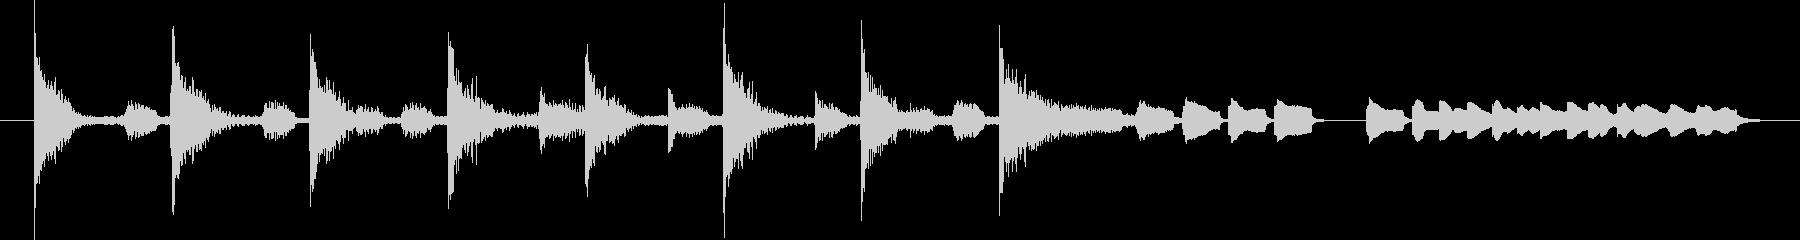 ブンチャブンチャ~テレレテッテレー 6の未再生の波形